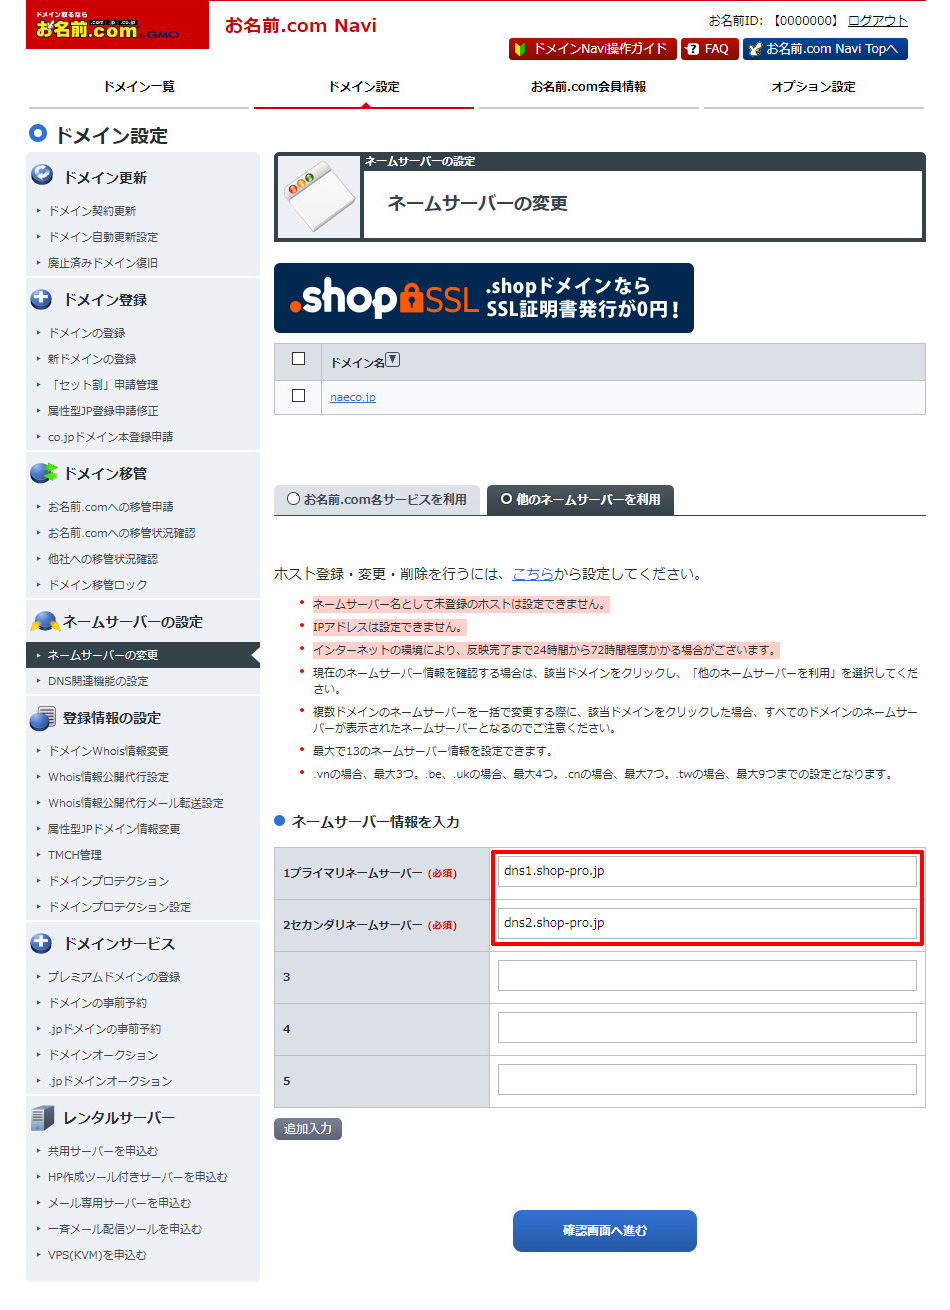 管理画面お名前.comネームサーバー